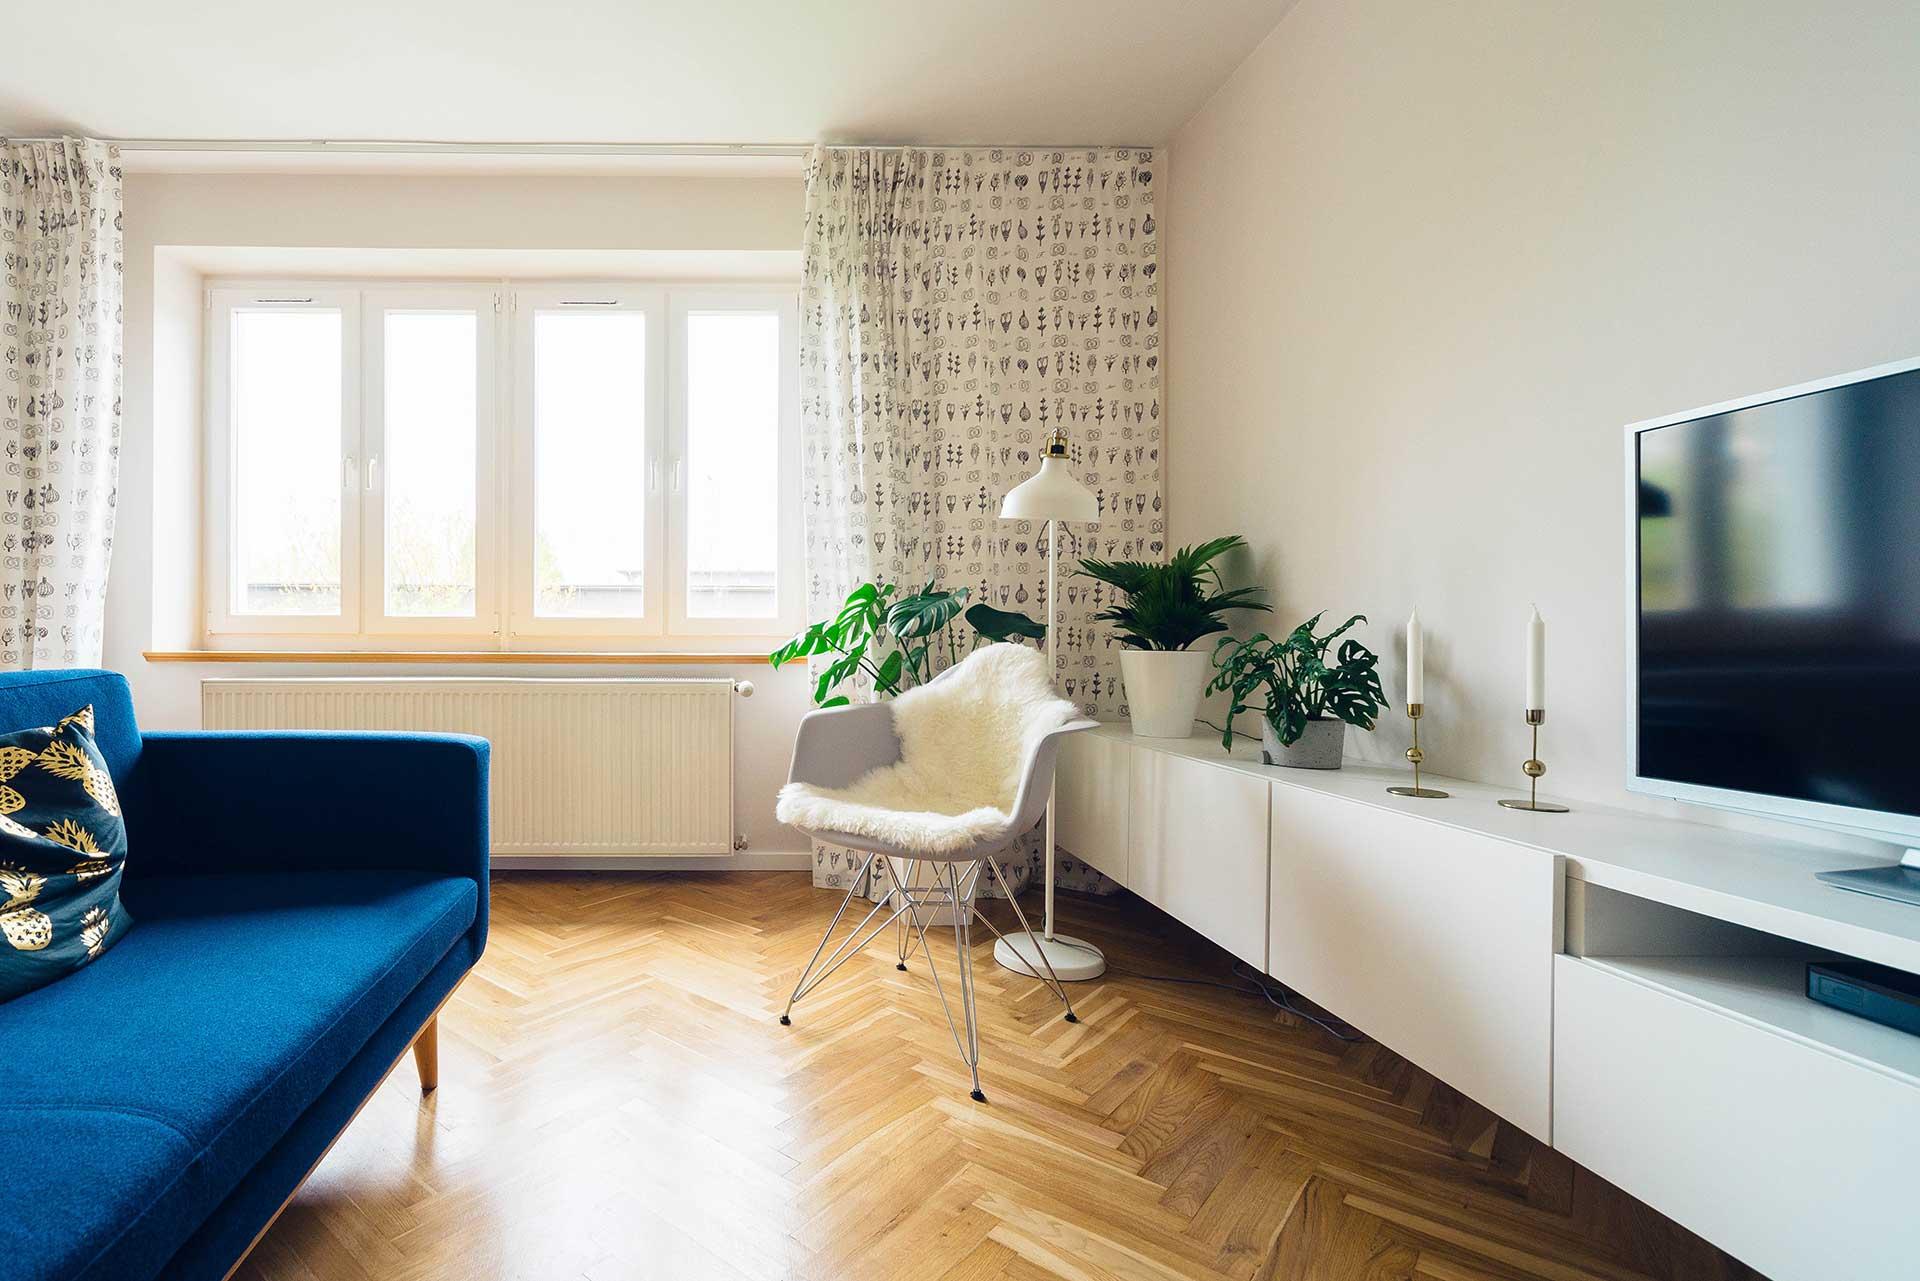 dizajn enterijera stambenih prostora